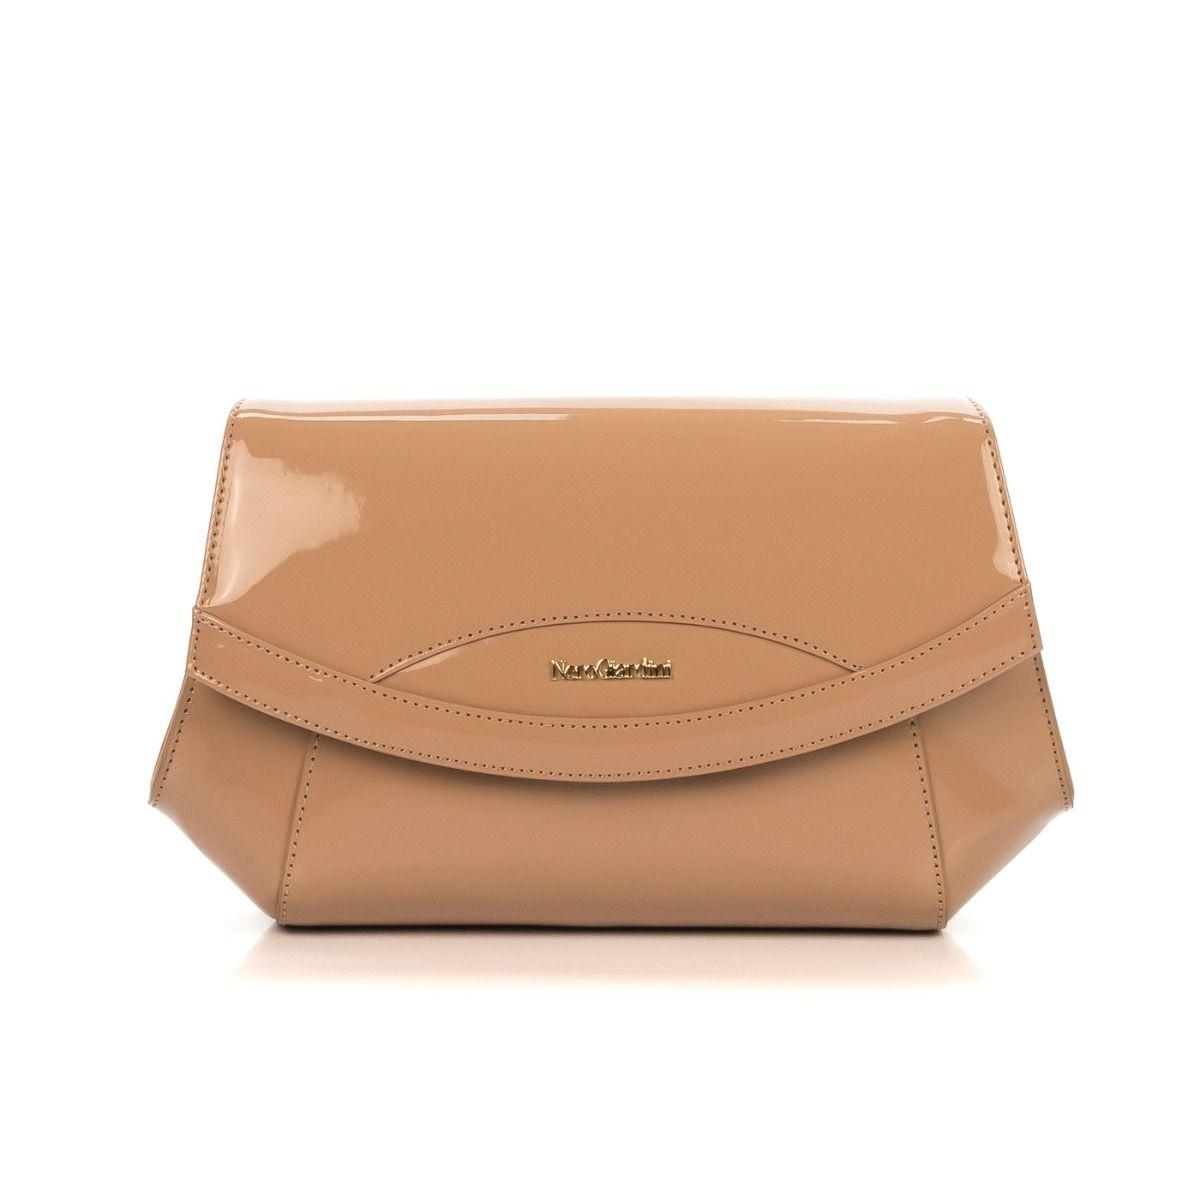 4a3bc1fef1 NERO GIARDINI P945015D-626|pochette donna|vernice nude|Shoe Center|Shop  online